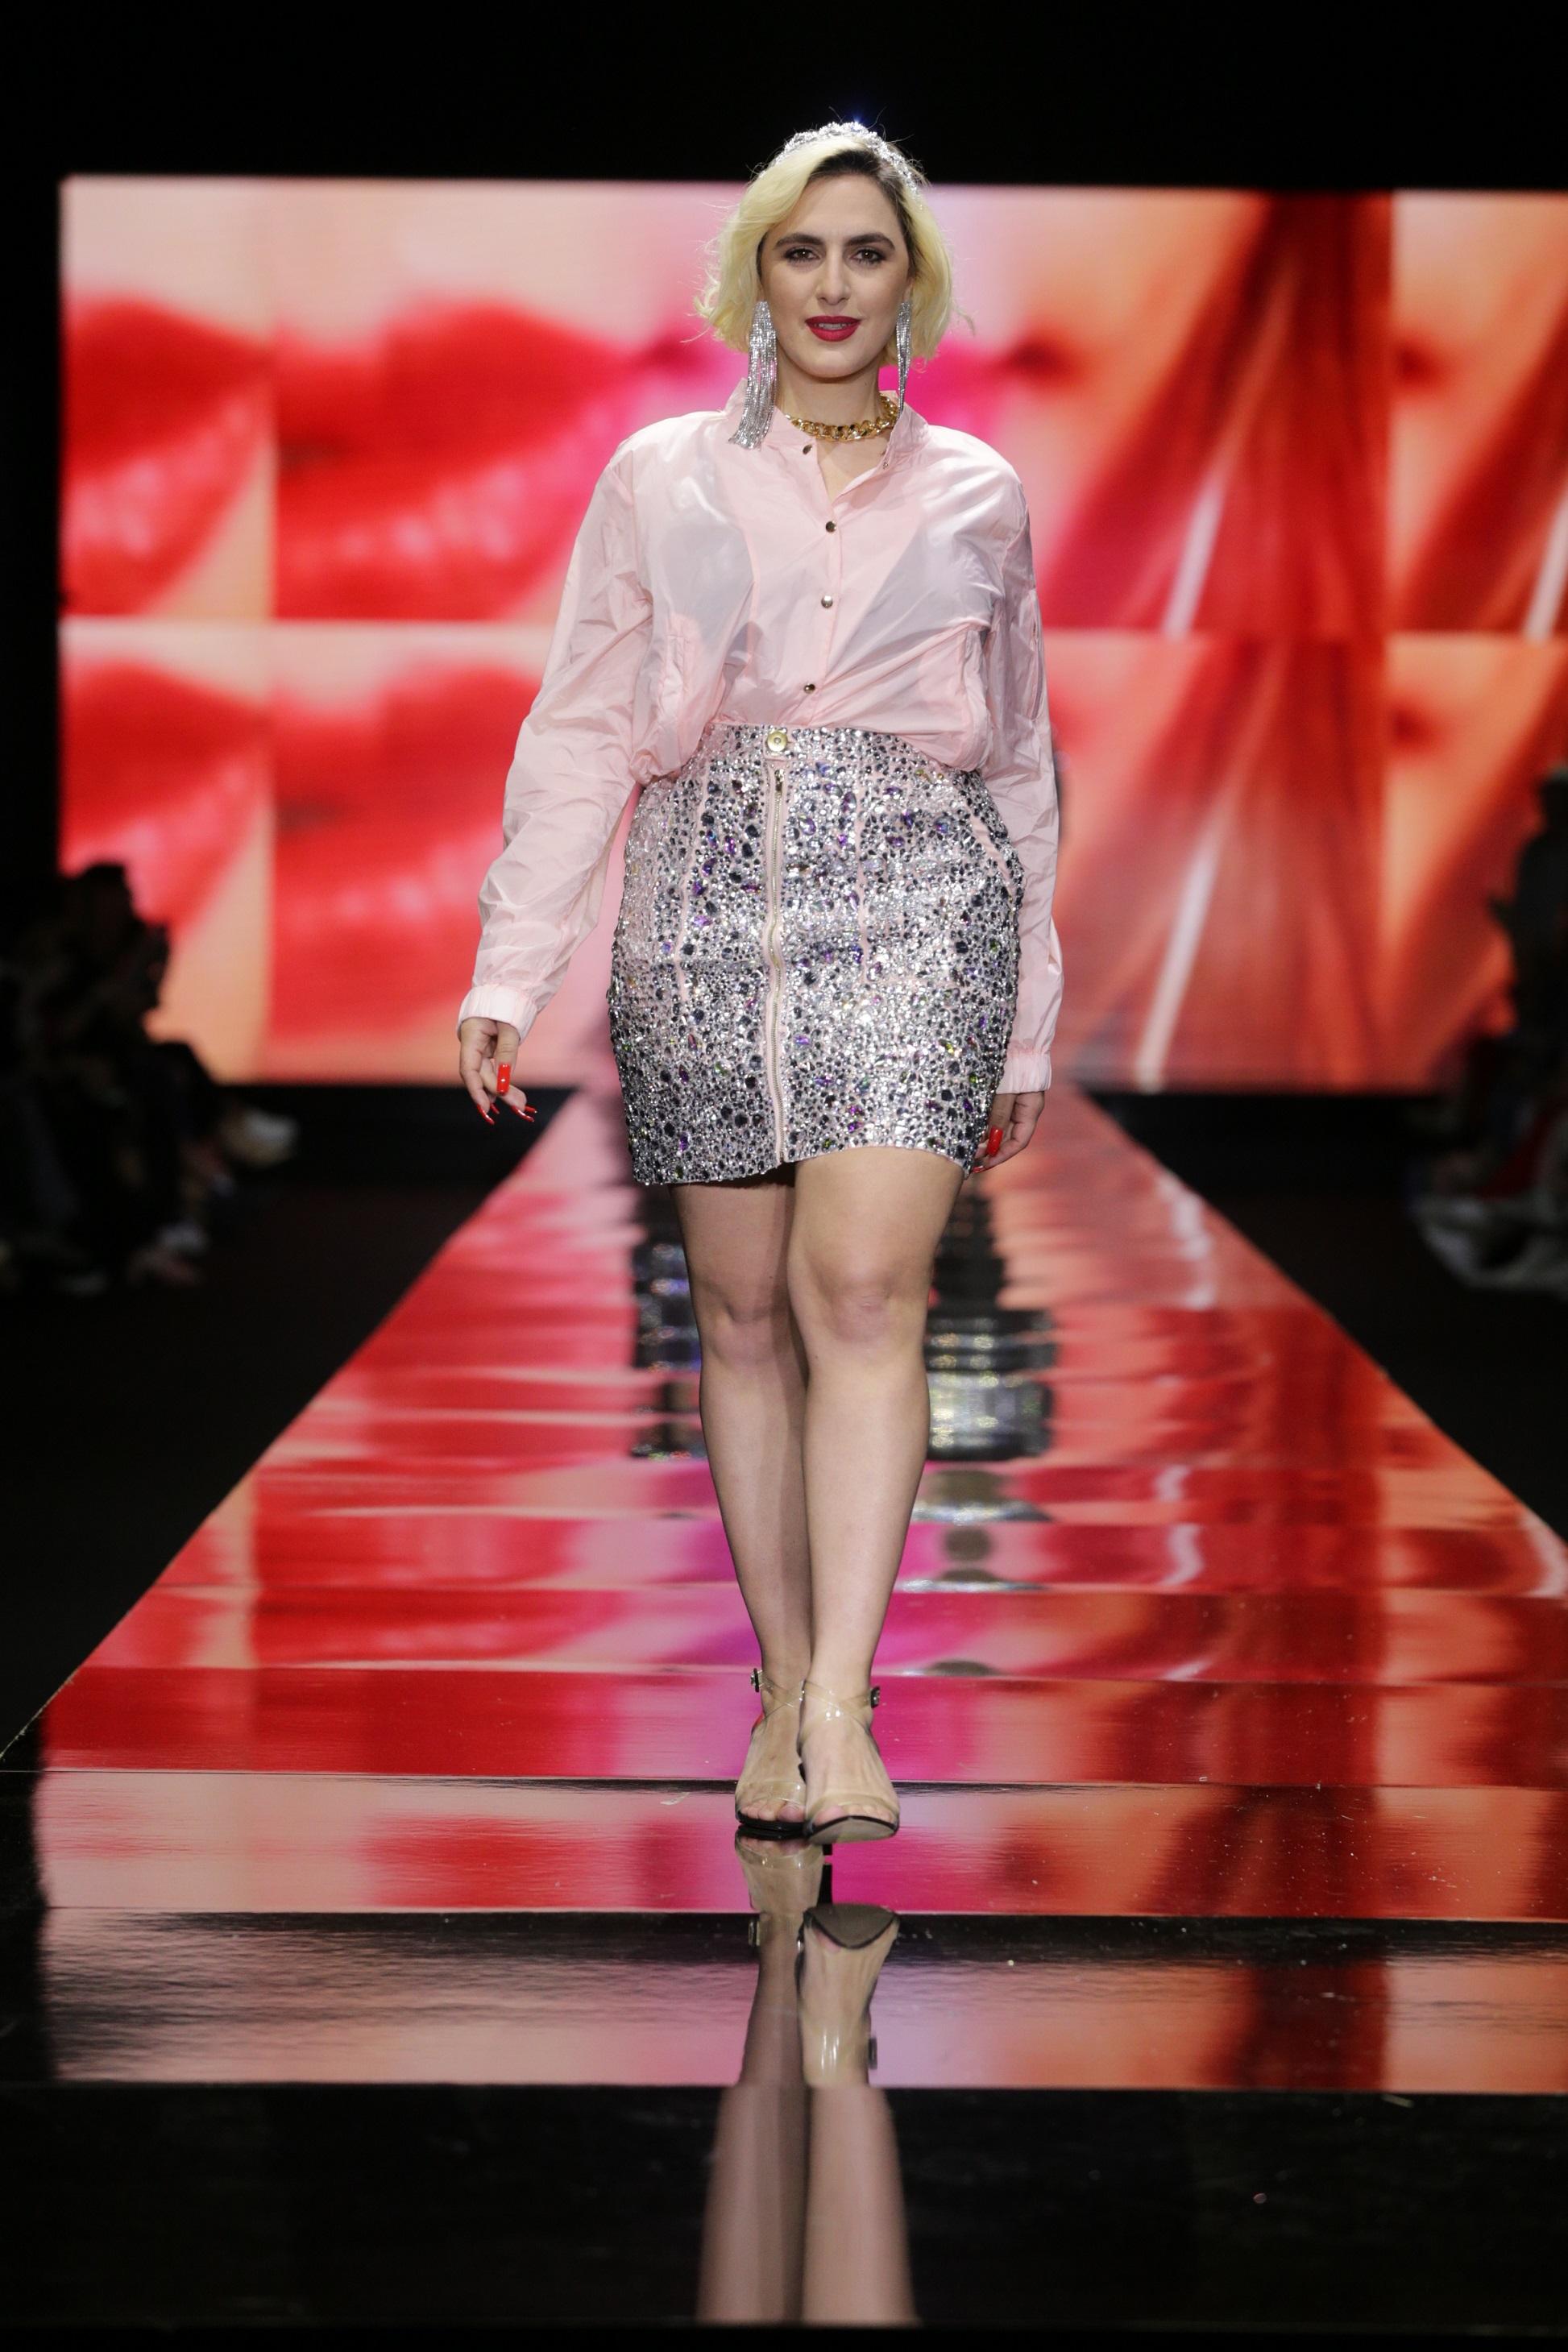 ריי שגב בתצוגת האופנה של retmema, שבוע האופנה תל אביב (צילום: אבי ולדמן)